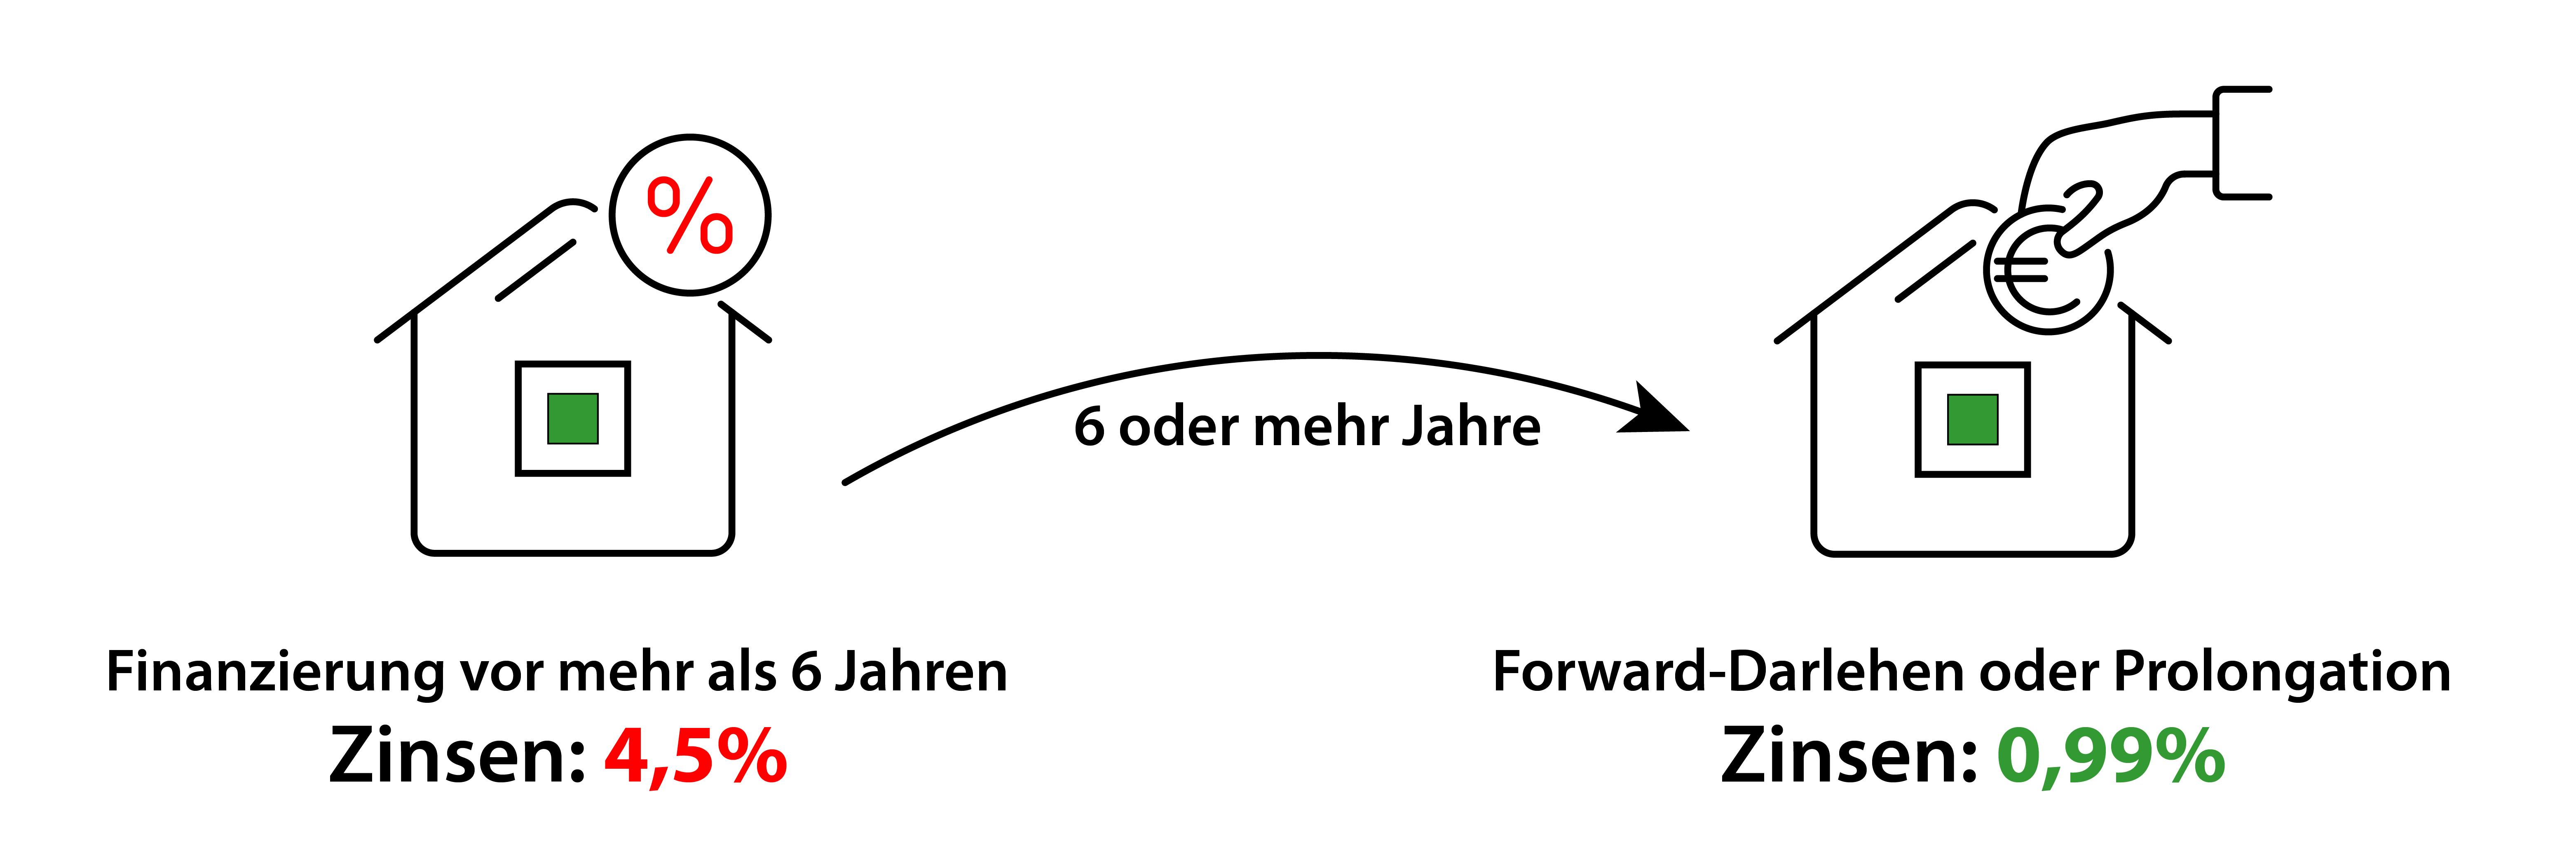 Forwarddarlehen